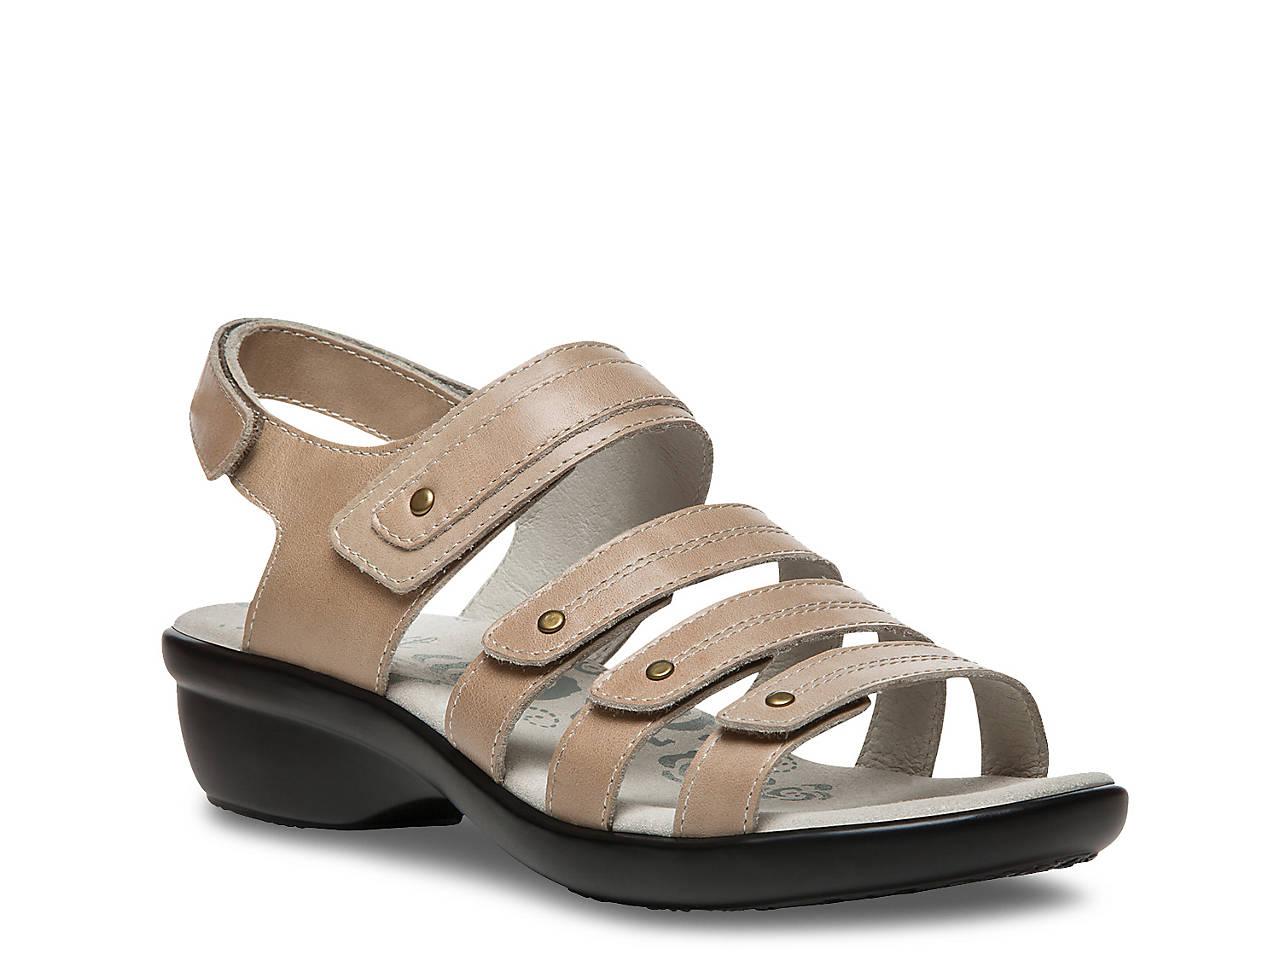 a081c9260276 Propet Aurora Wedge Sandal Women s Shoes